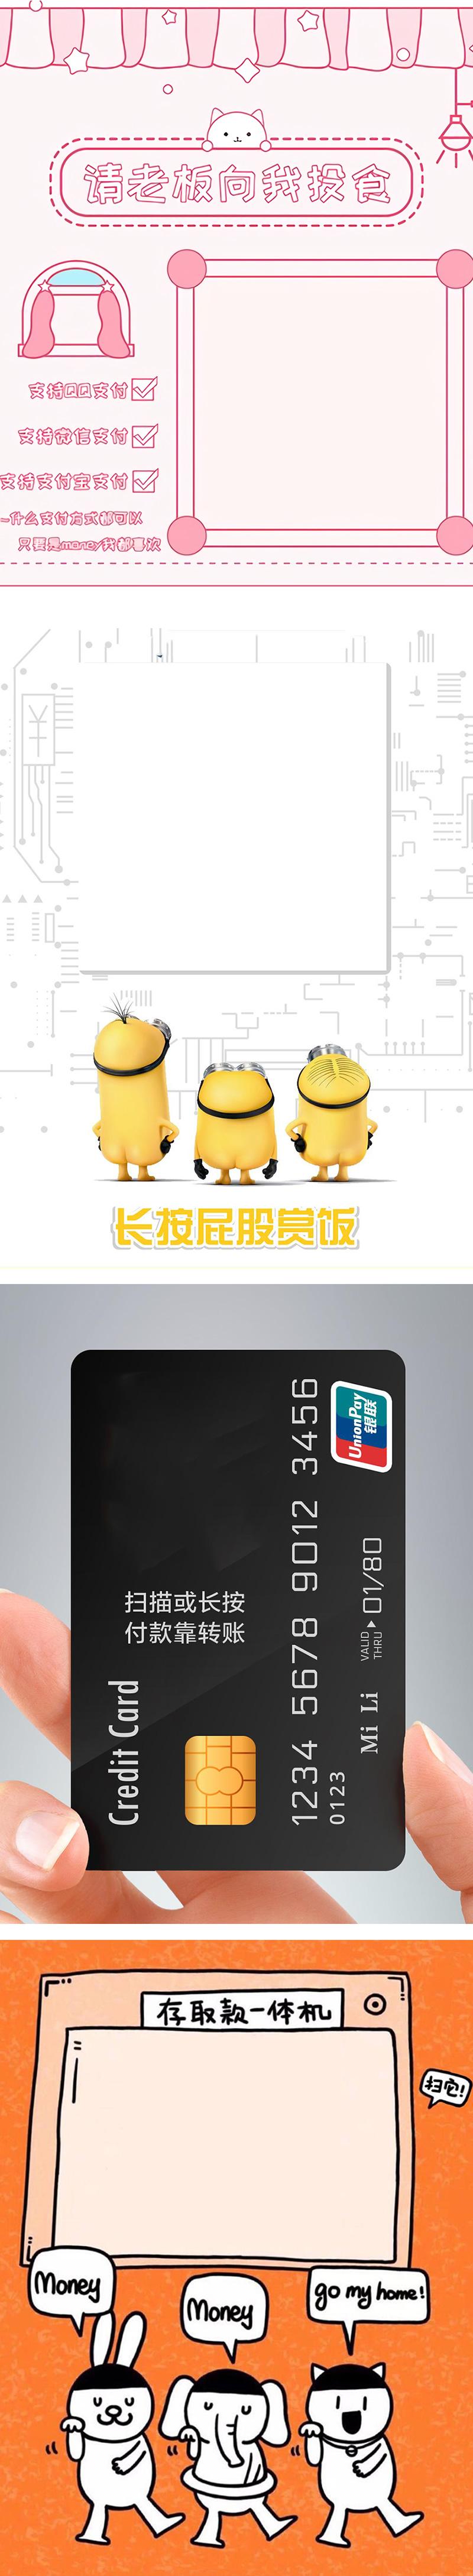 支付宝微信QQ收款码二维码合成三合一源码 第2张